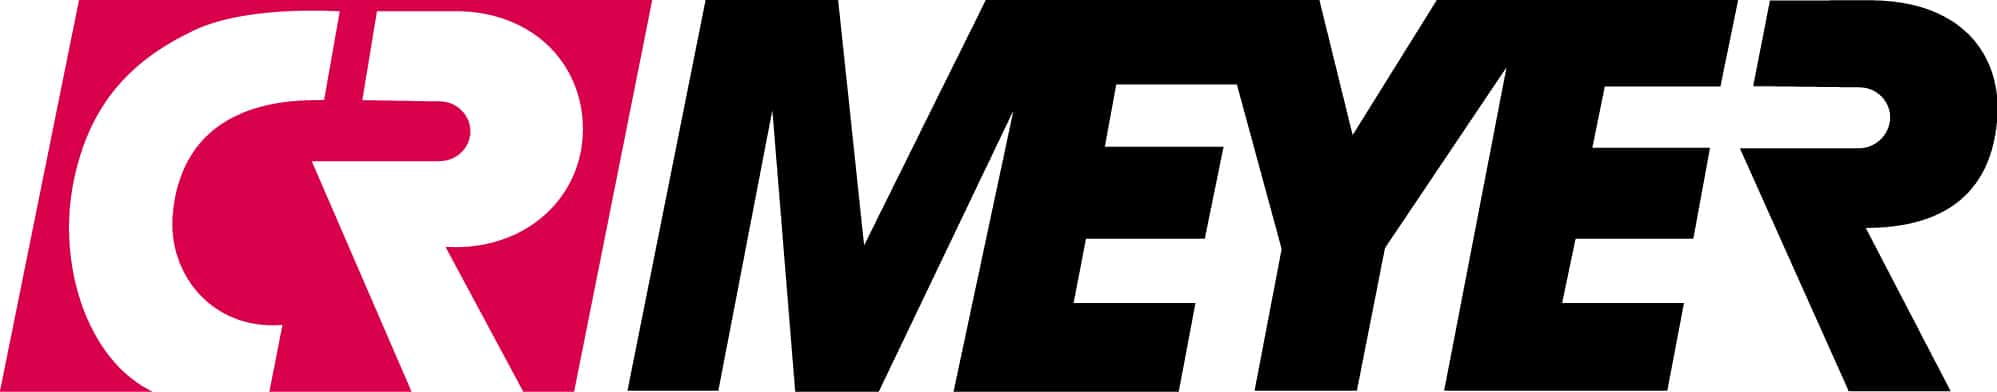 CR Meyer new logo